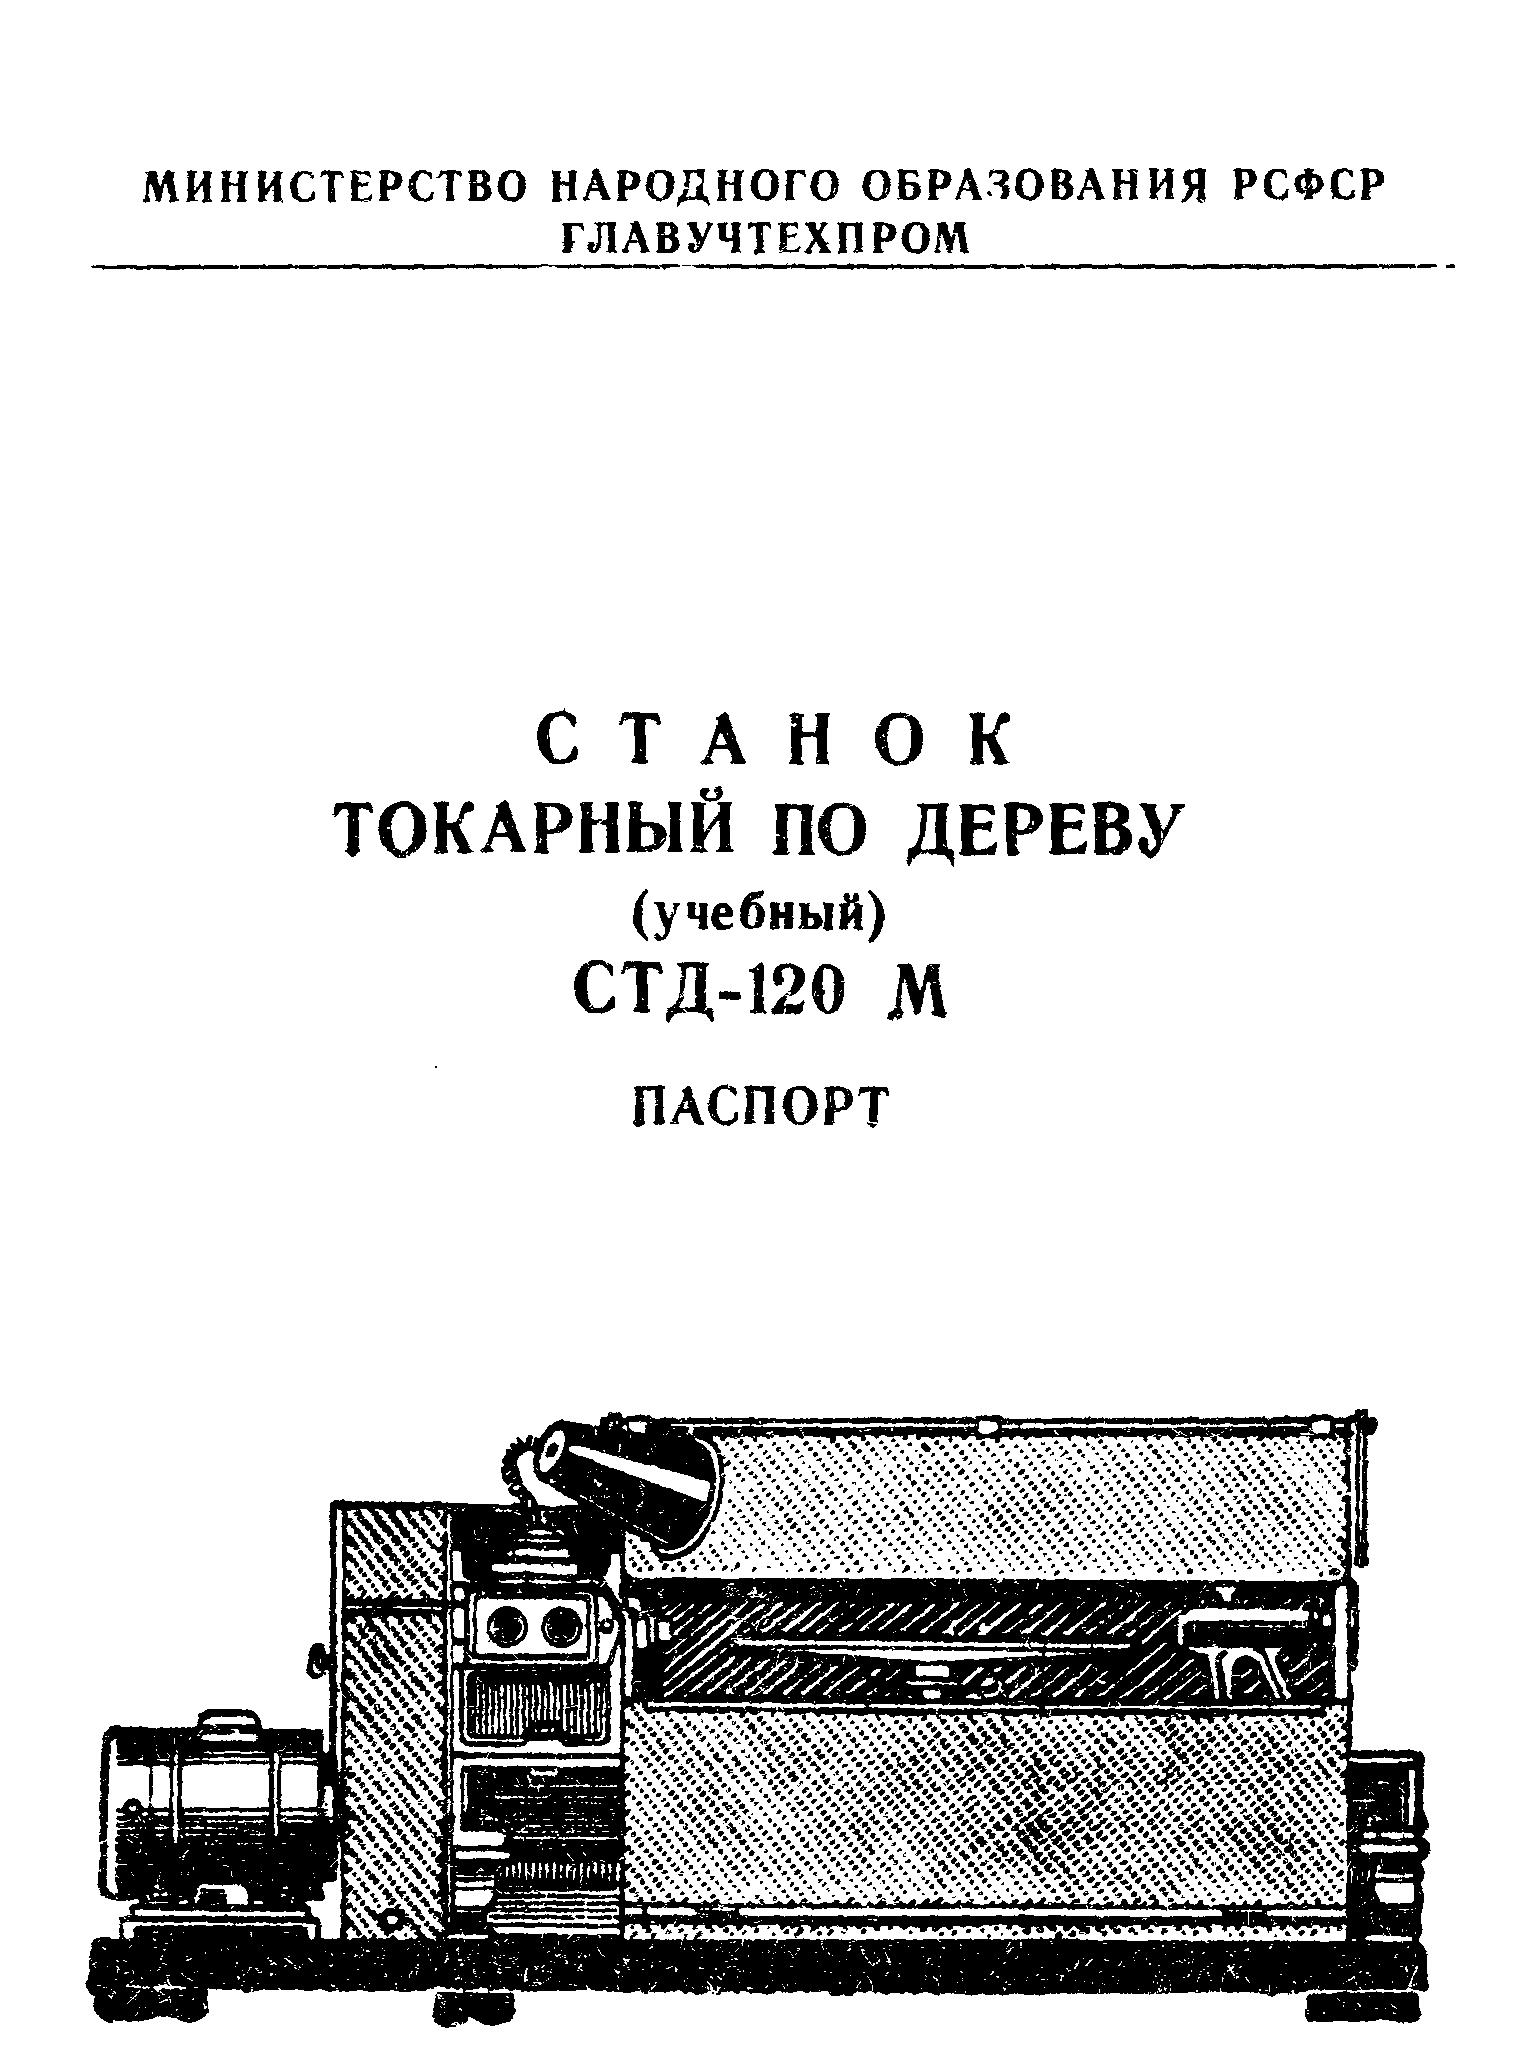 Паспорт токарного станка СТД-120 М